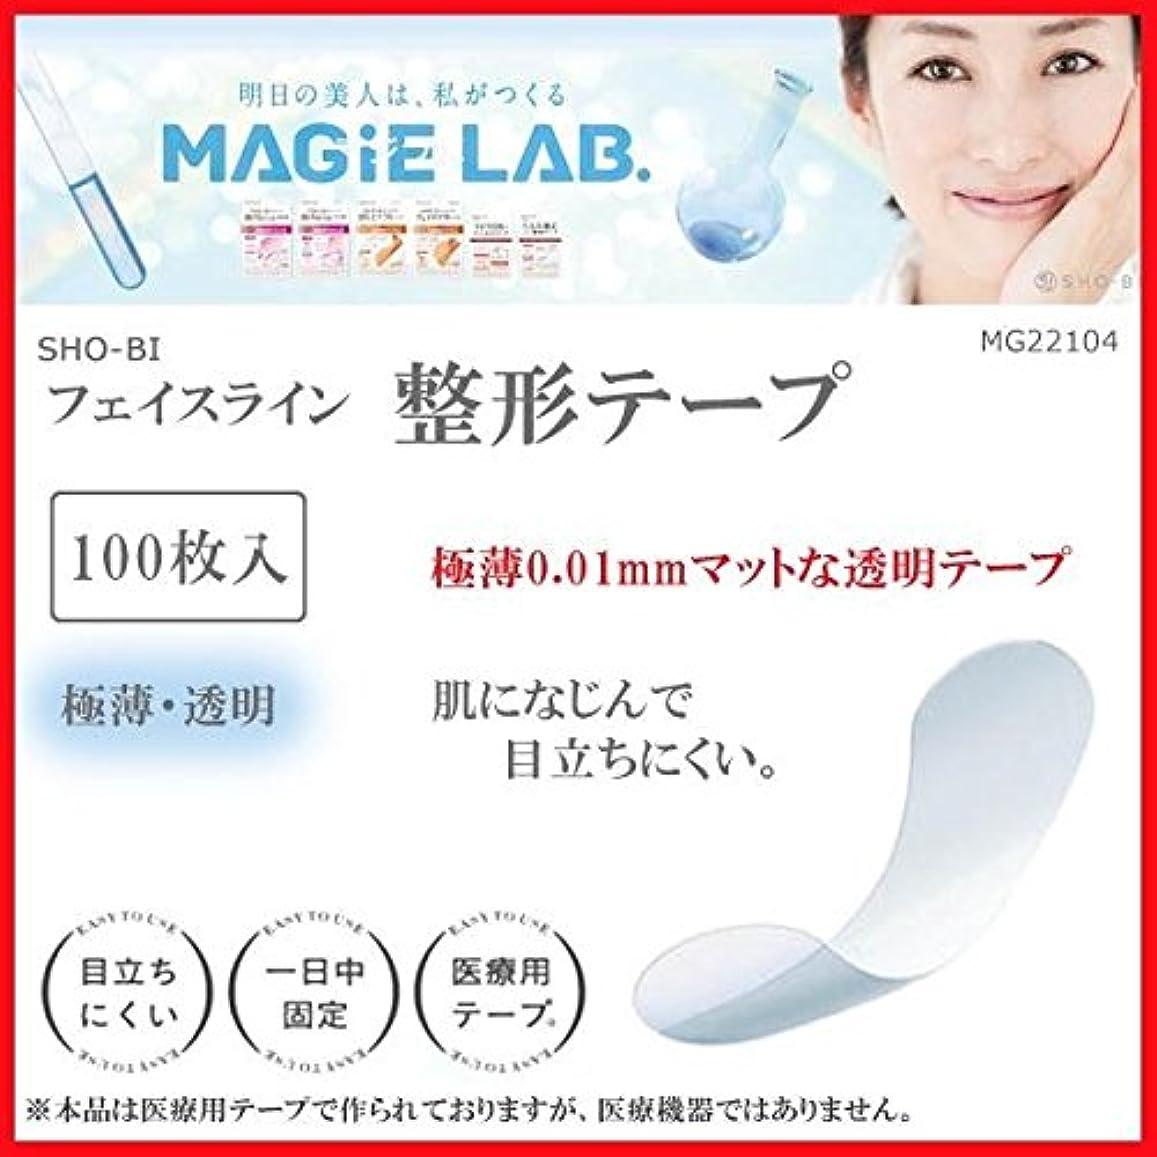 カポック動物フローティングSHO-BI MAGiE LAB.(マジラボ) フェイスライン整形テープ 100枚入 MG22104